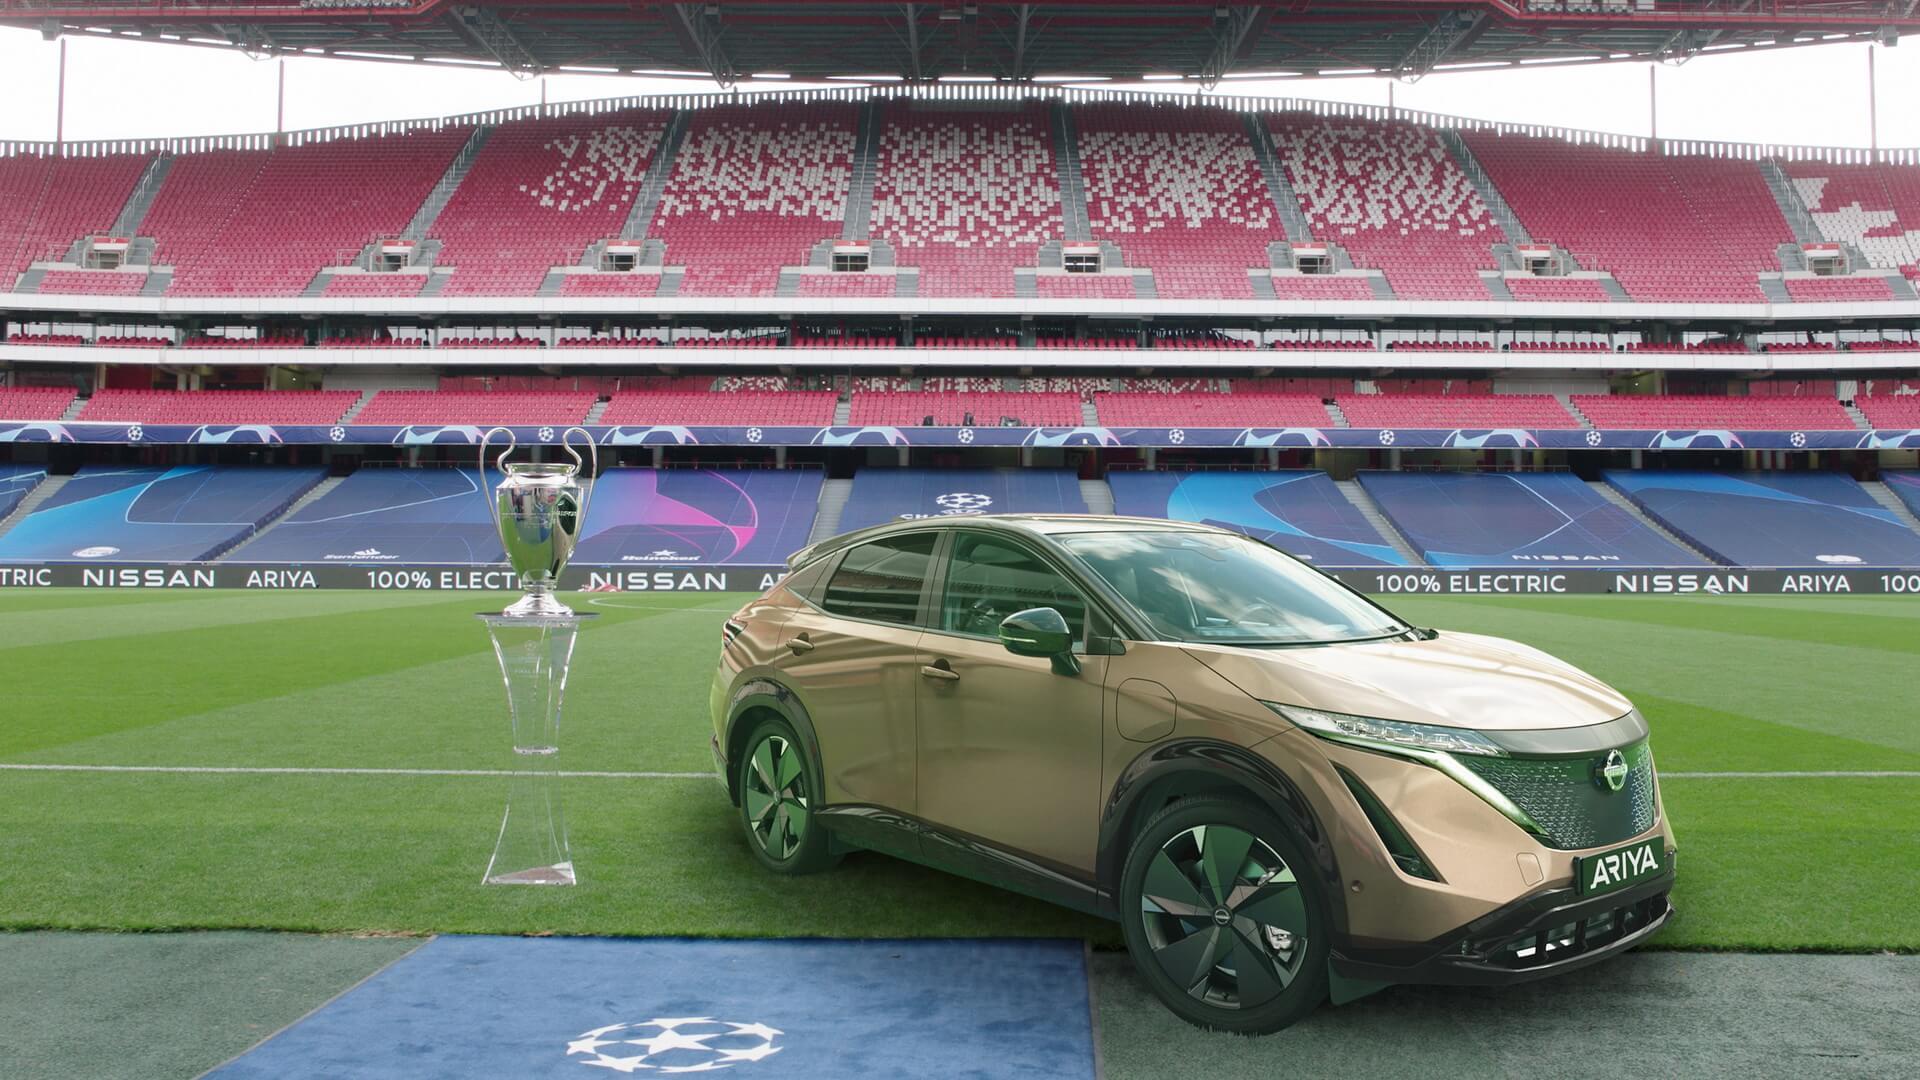 Nissan организует для владельцев LEAF «кинотеатр на колесах» при просмотре финала Лиги чемпионов УЕФА в Португалии